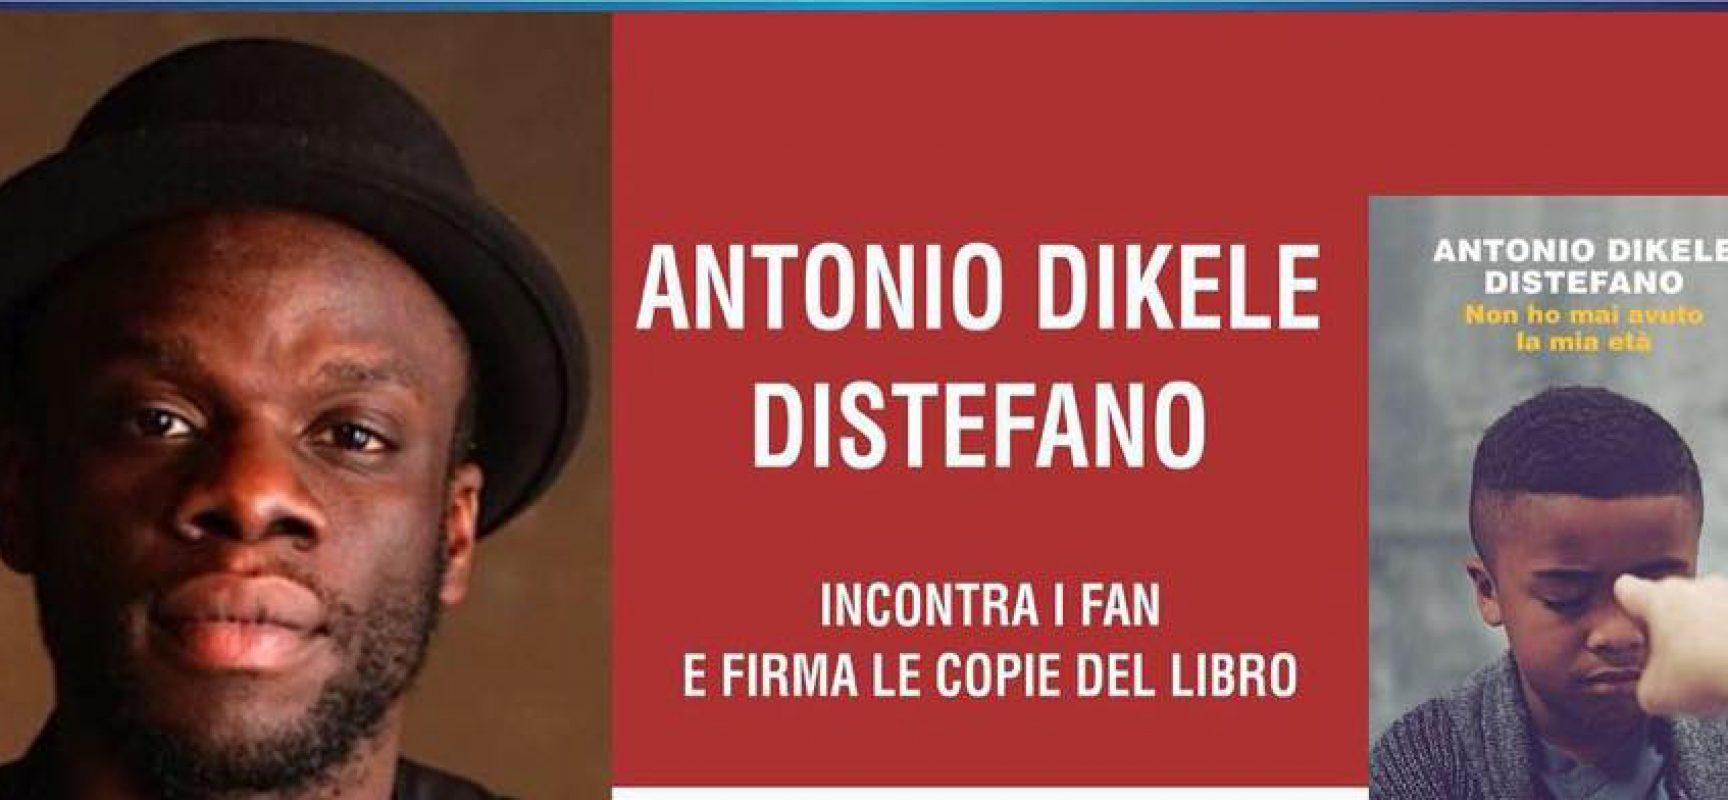 Antonio Dikele Distefano alle Vecchie Segherie Mastrototaro il 1° giugno